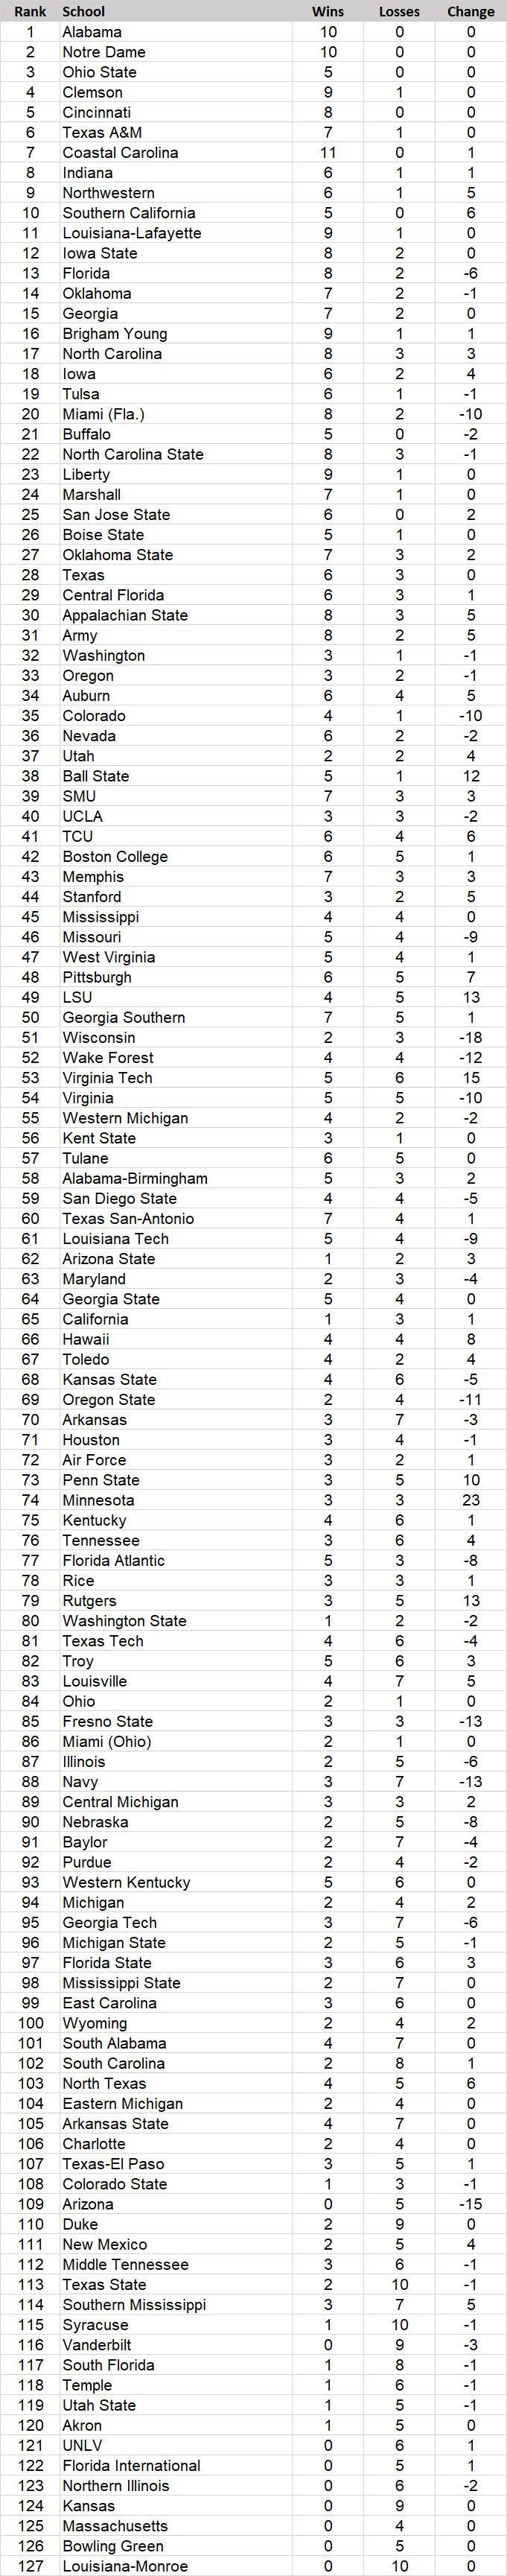 Miami, Florida tumble in 1-127 ranking